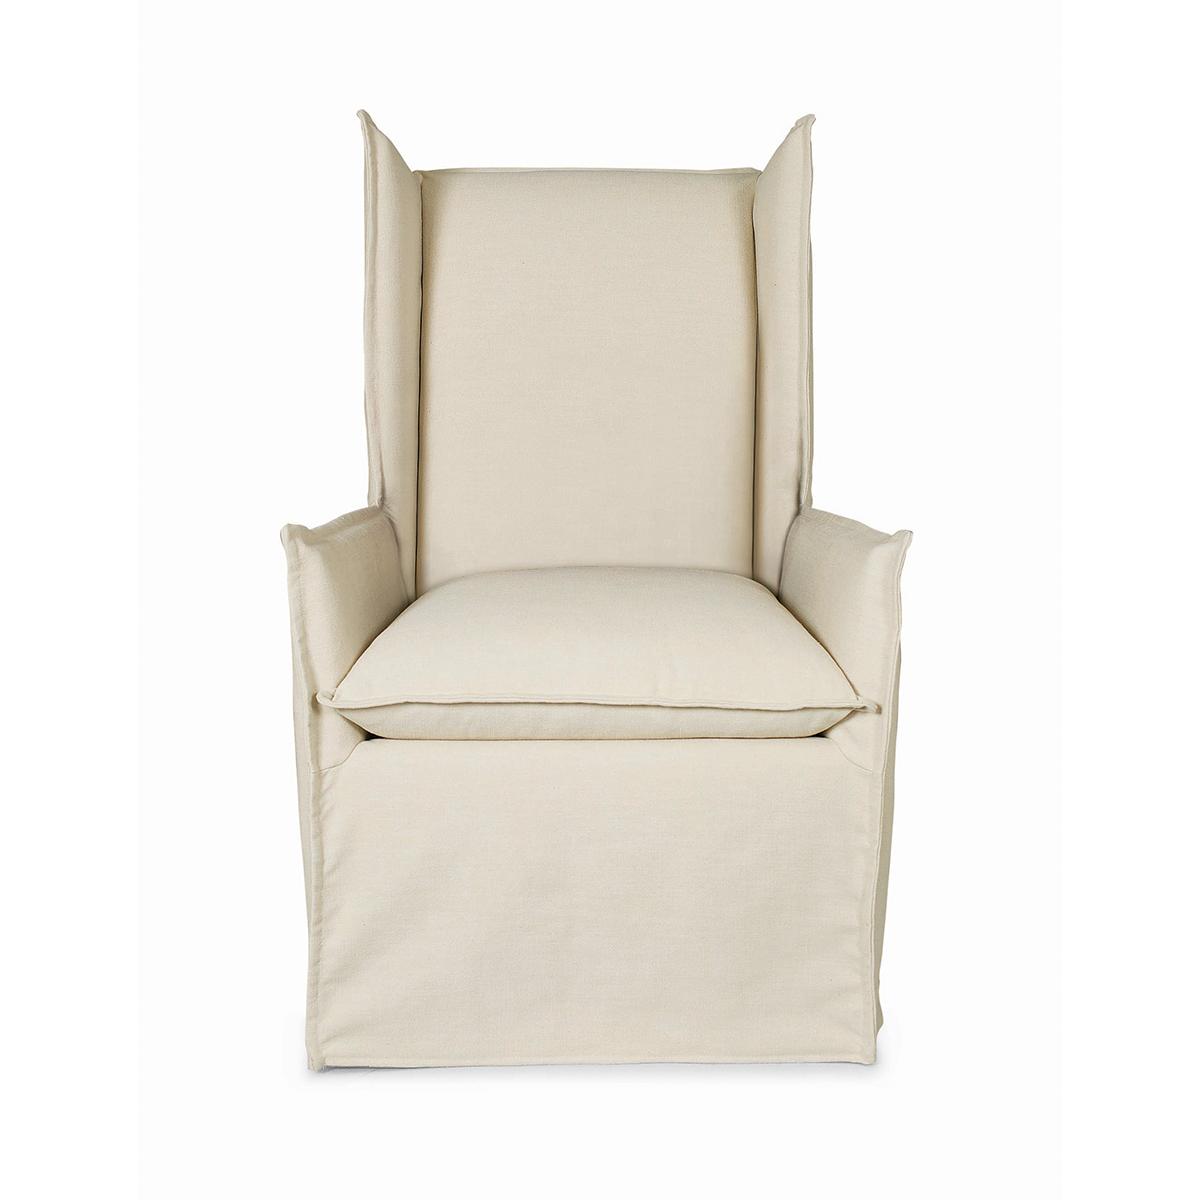 C3717-41_Slipcovered_Chair_Lee_Industries_head-on.jpg